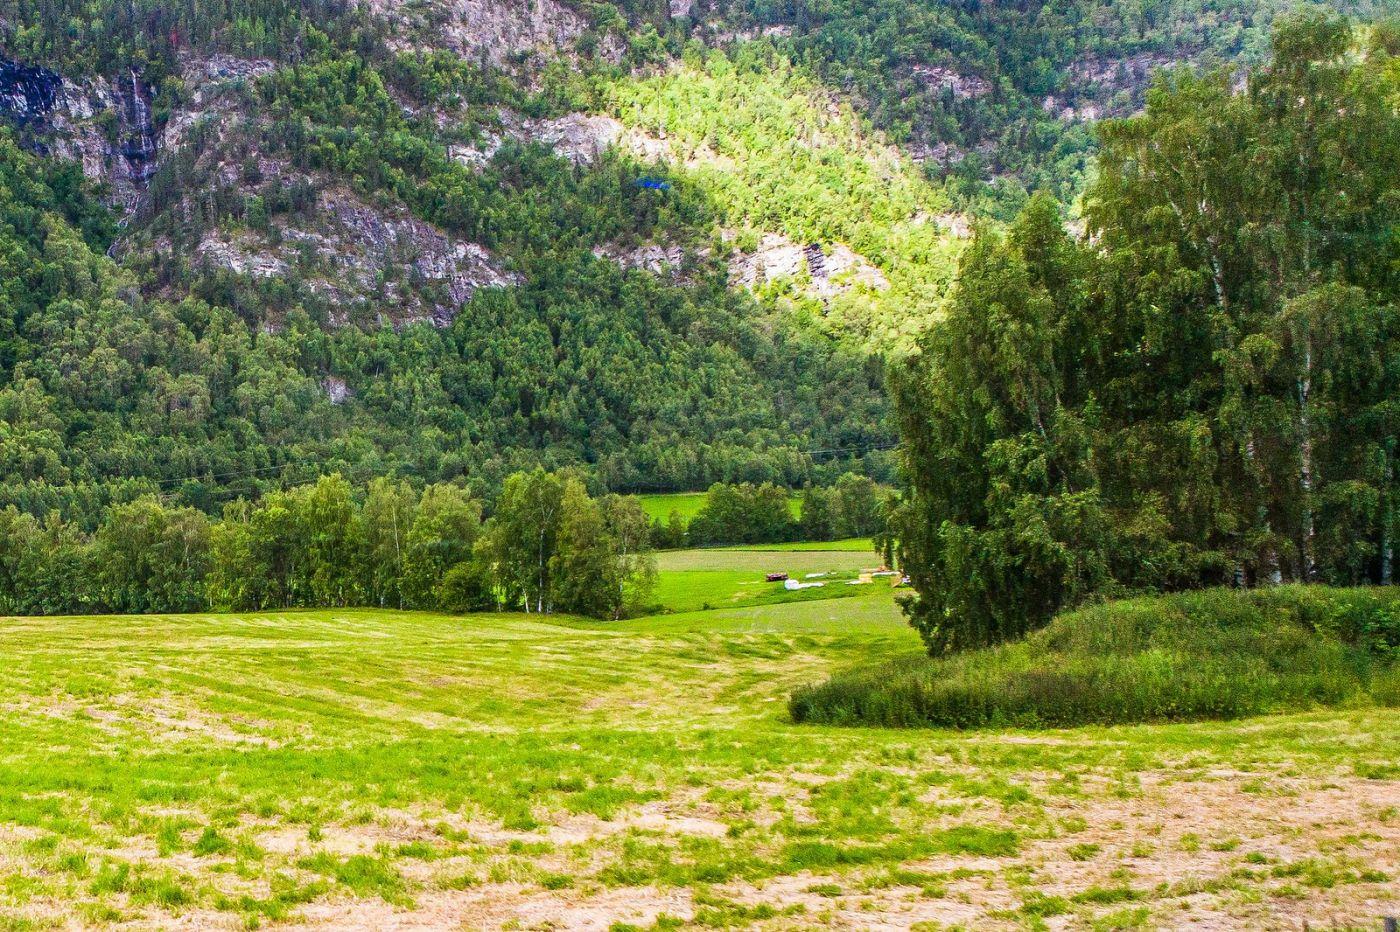 北欧风光,风景美如画_图1-39